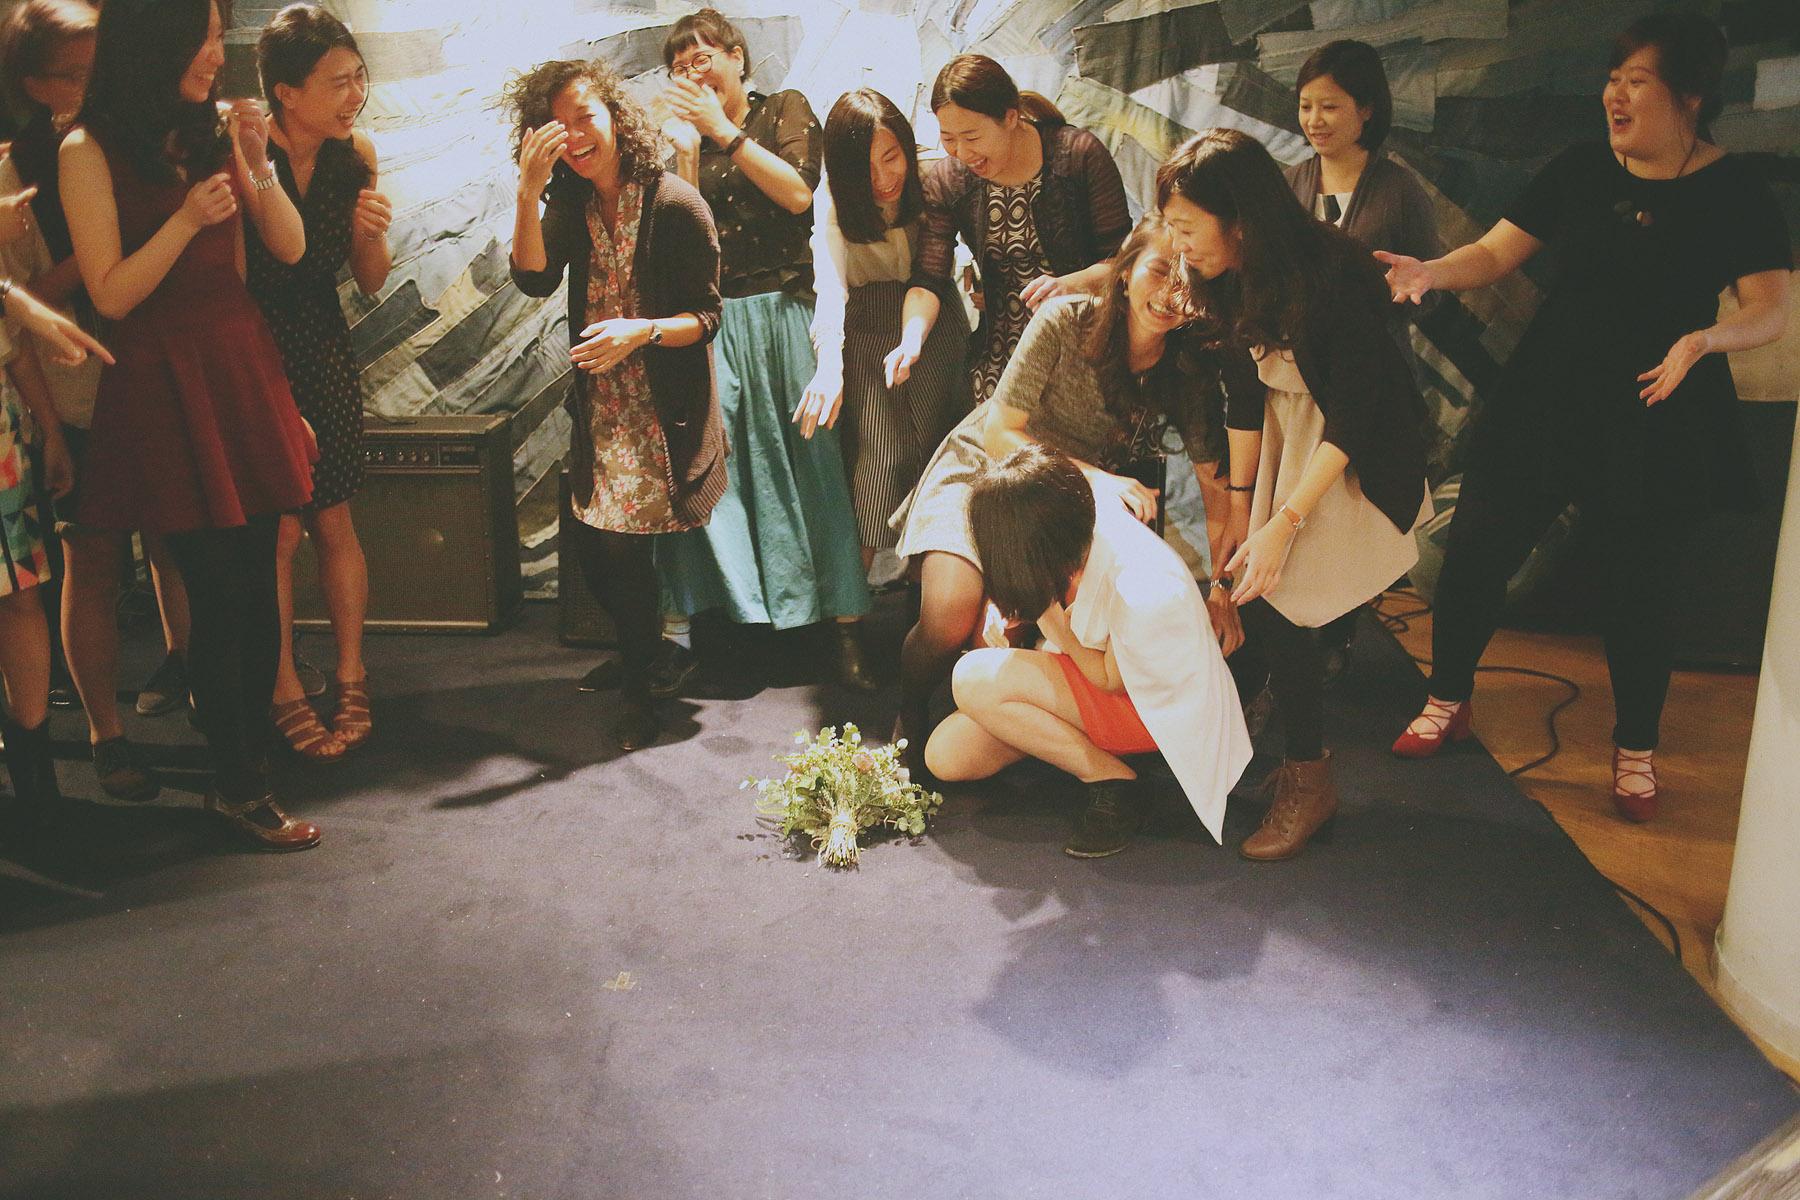 婚禮籌備,婚禮規劃,宴客活動,進場,底片婚攝,婚禮攝影師推薦,電影風格,婚攝,丟捧花